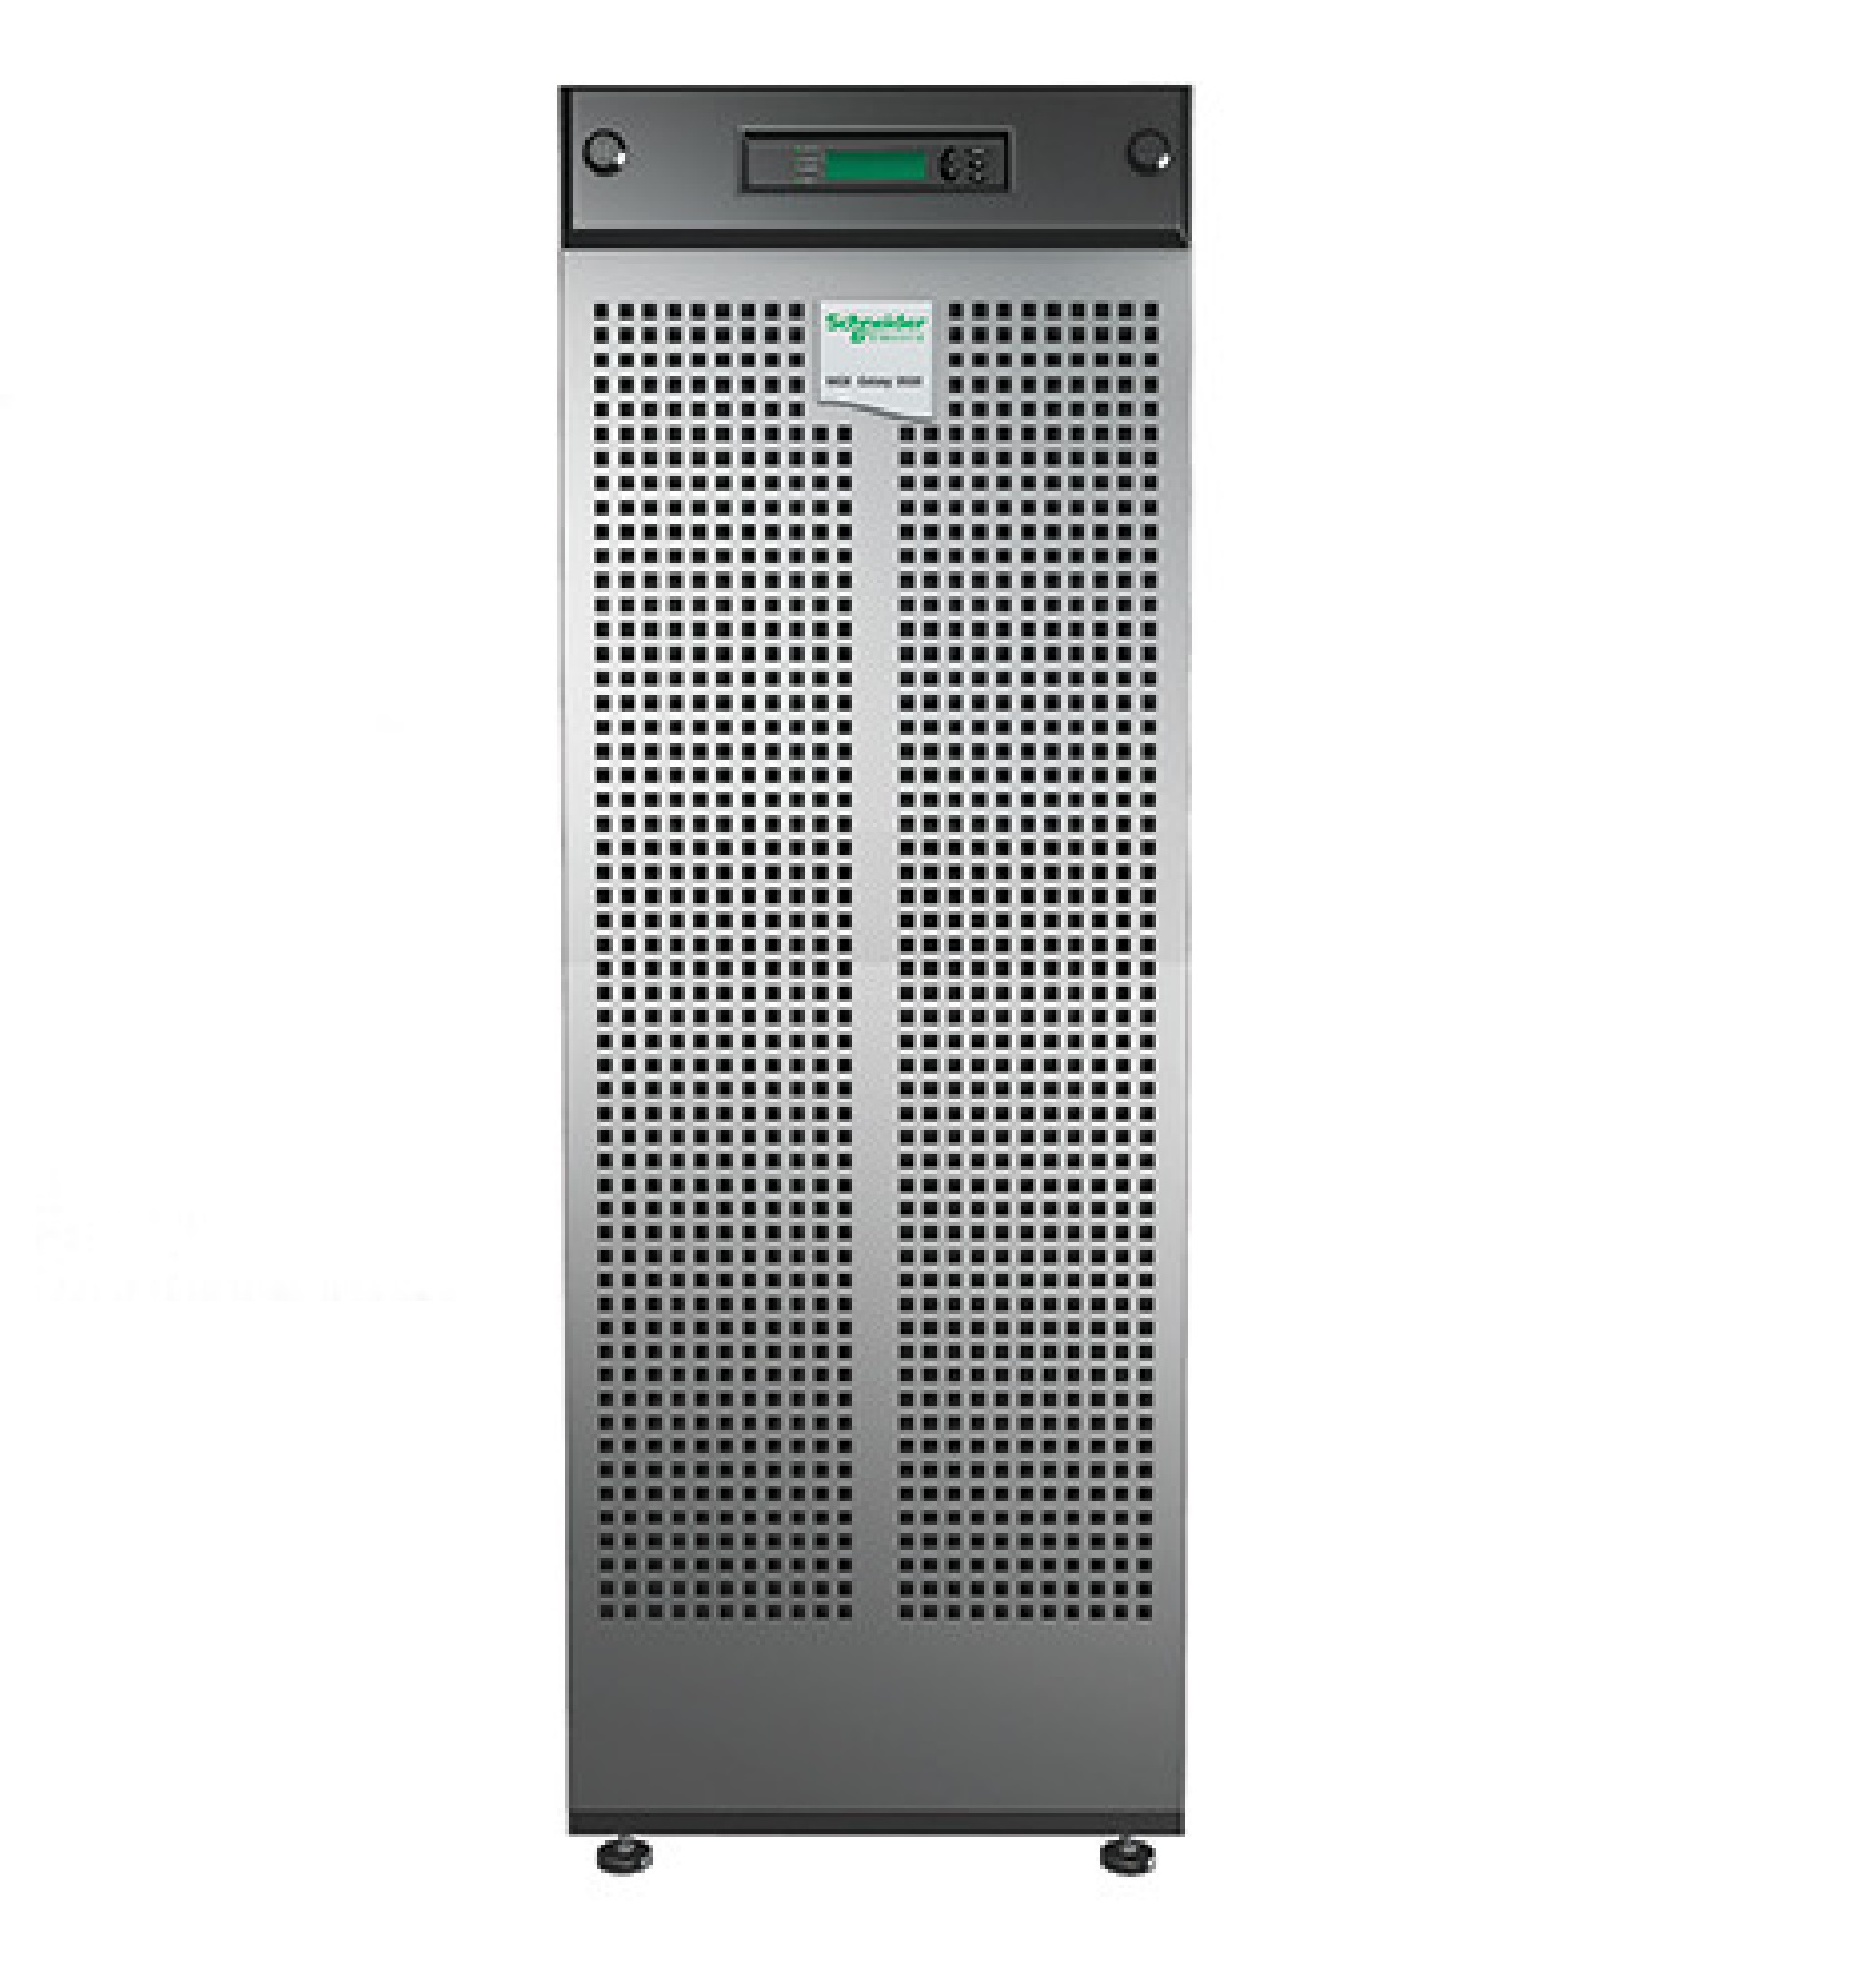 MGE Galaxy 3500, 40 kVA e 400 V, com 4 módulos de baterias, startup 5x8